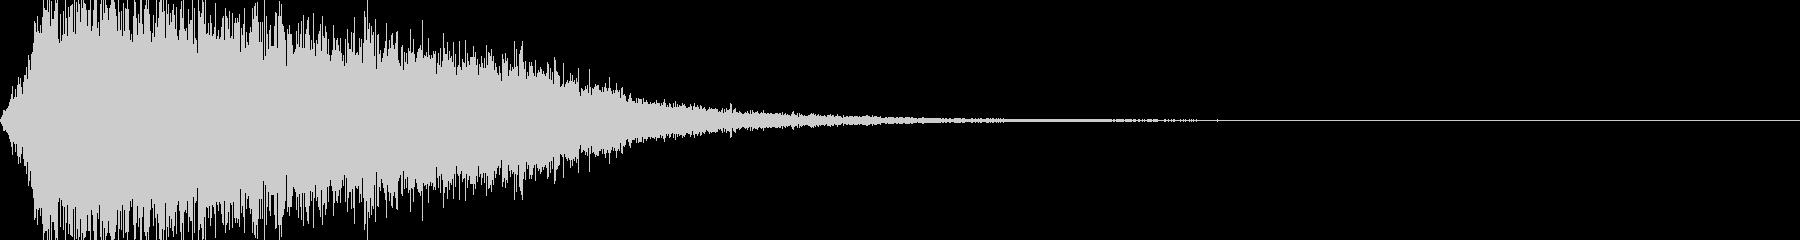 【ダーク・ホラー】アトモスフィア_12の未再生の波形